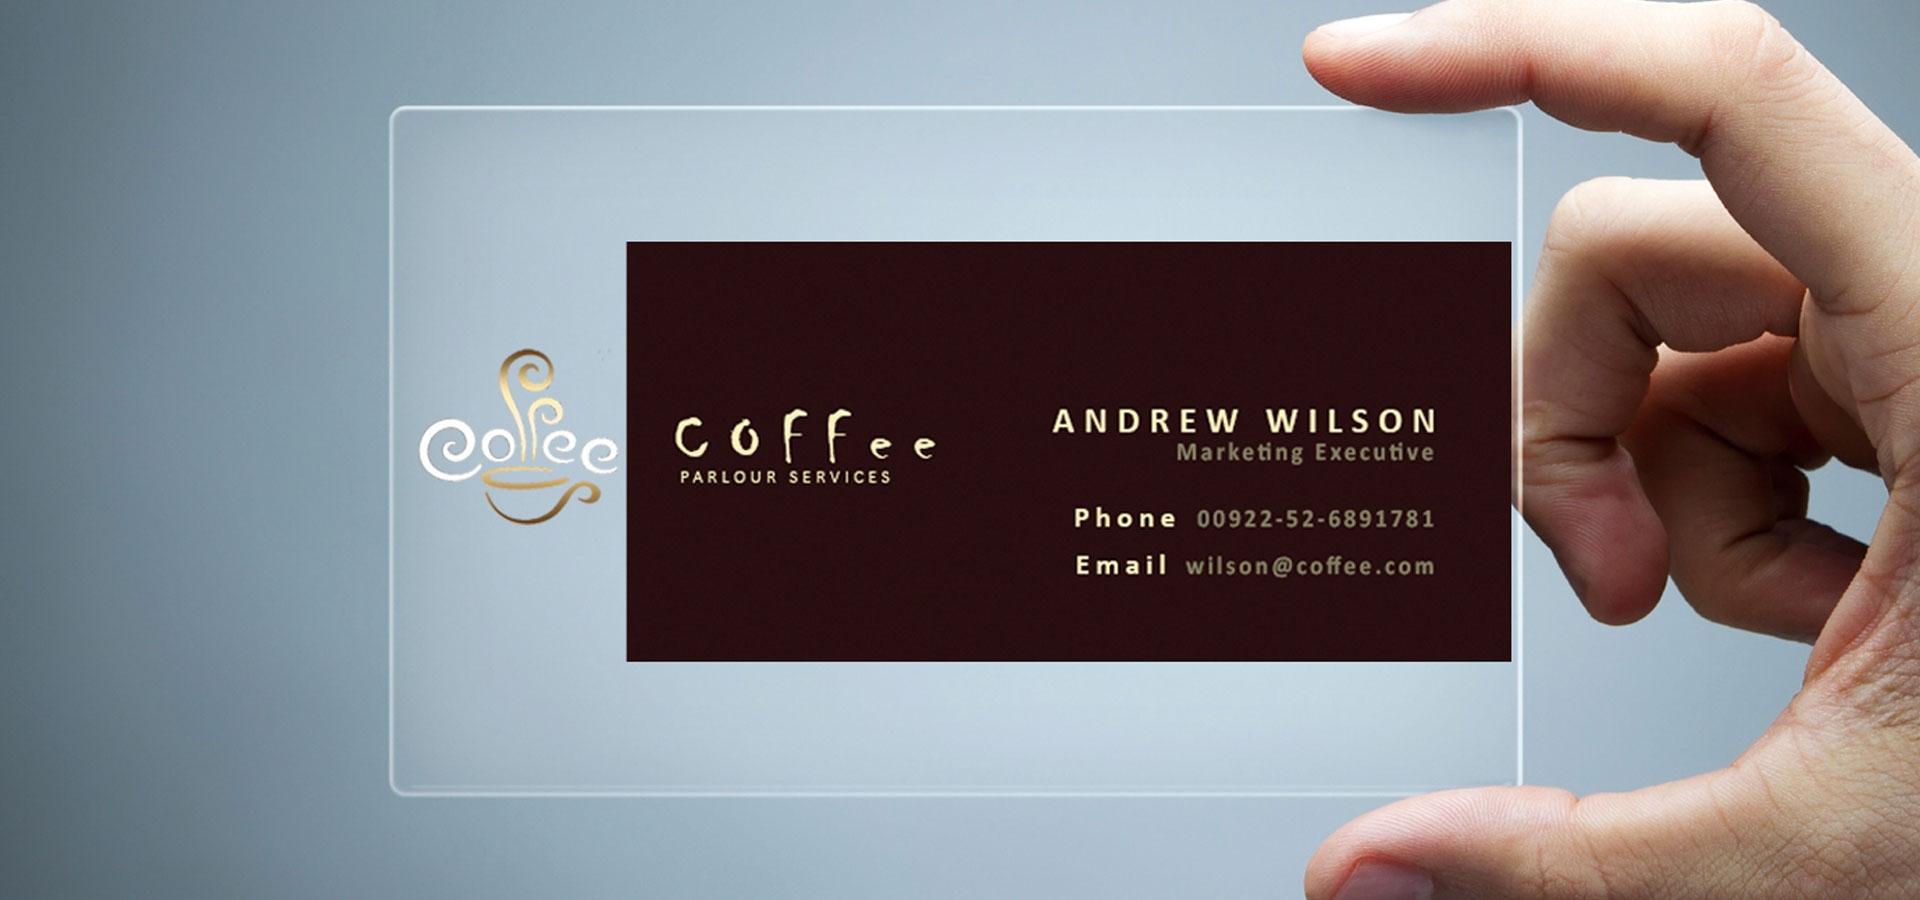 26+ Transparent Business Card Templates - Illustrator, Ms Throughout Transparent Business Cards Template